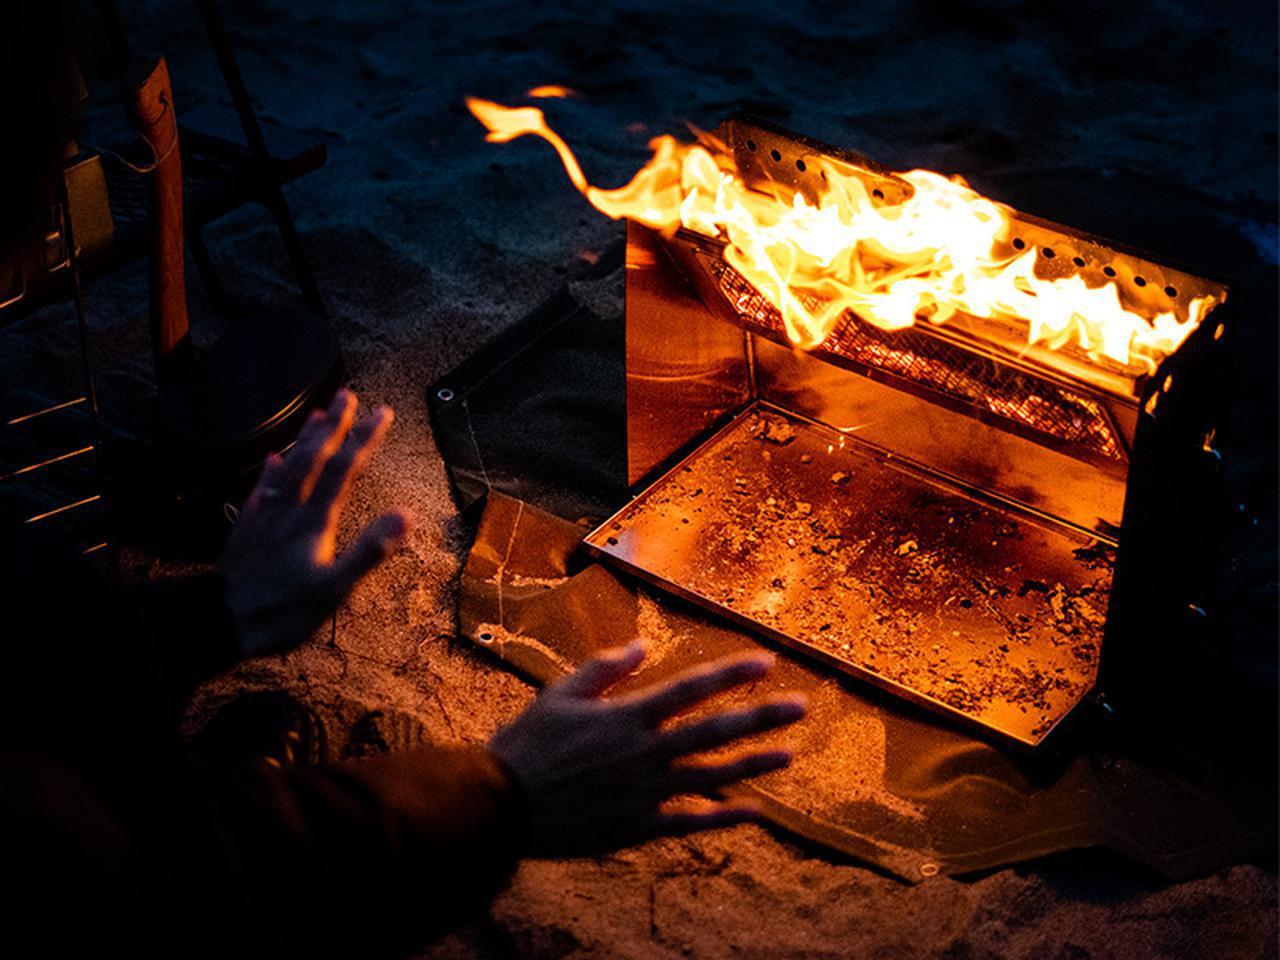 画像2: 焚き火の熱を存分に感じる、暖かさに特化した焚き火台